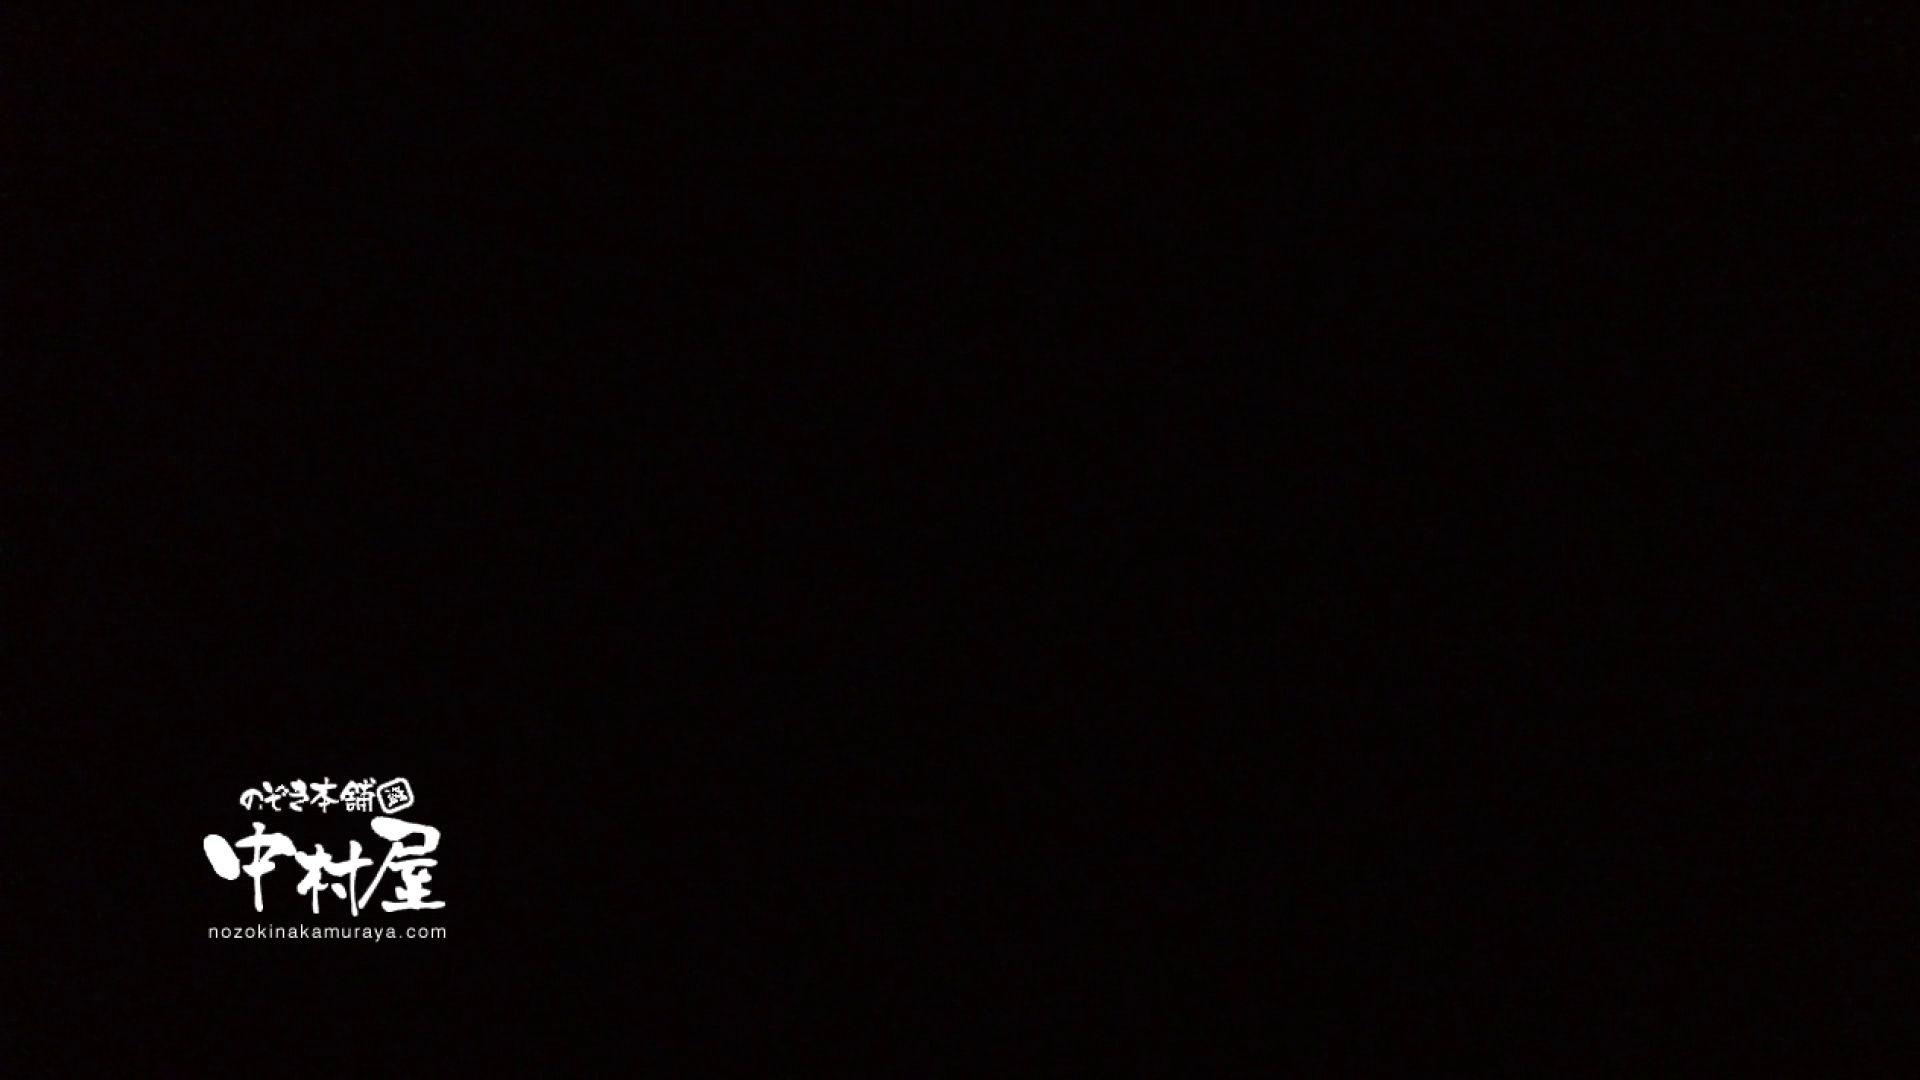 鬼畜 vol.10 あぁ無情…中出しパイパン! 前編 中出し | パイパン  101連発 77